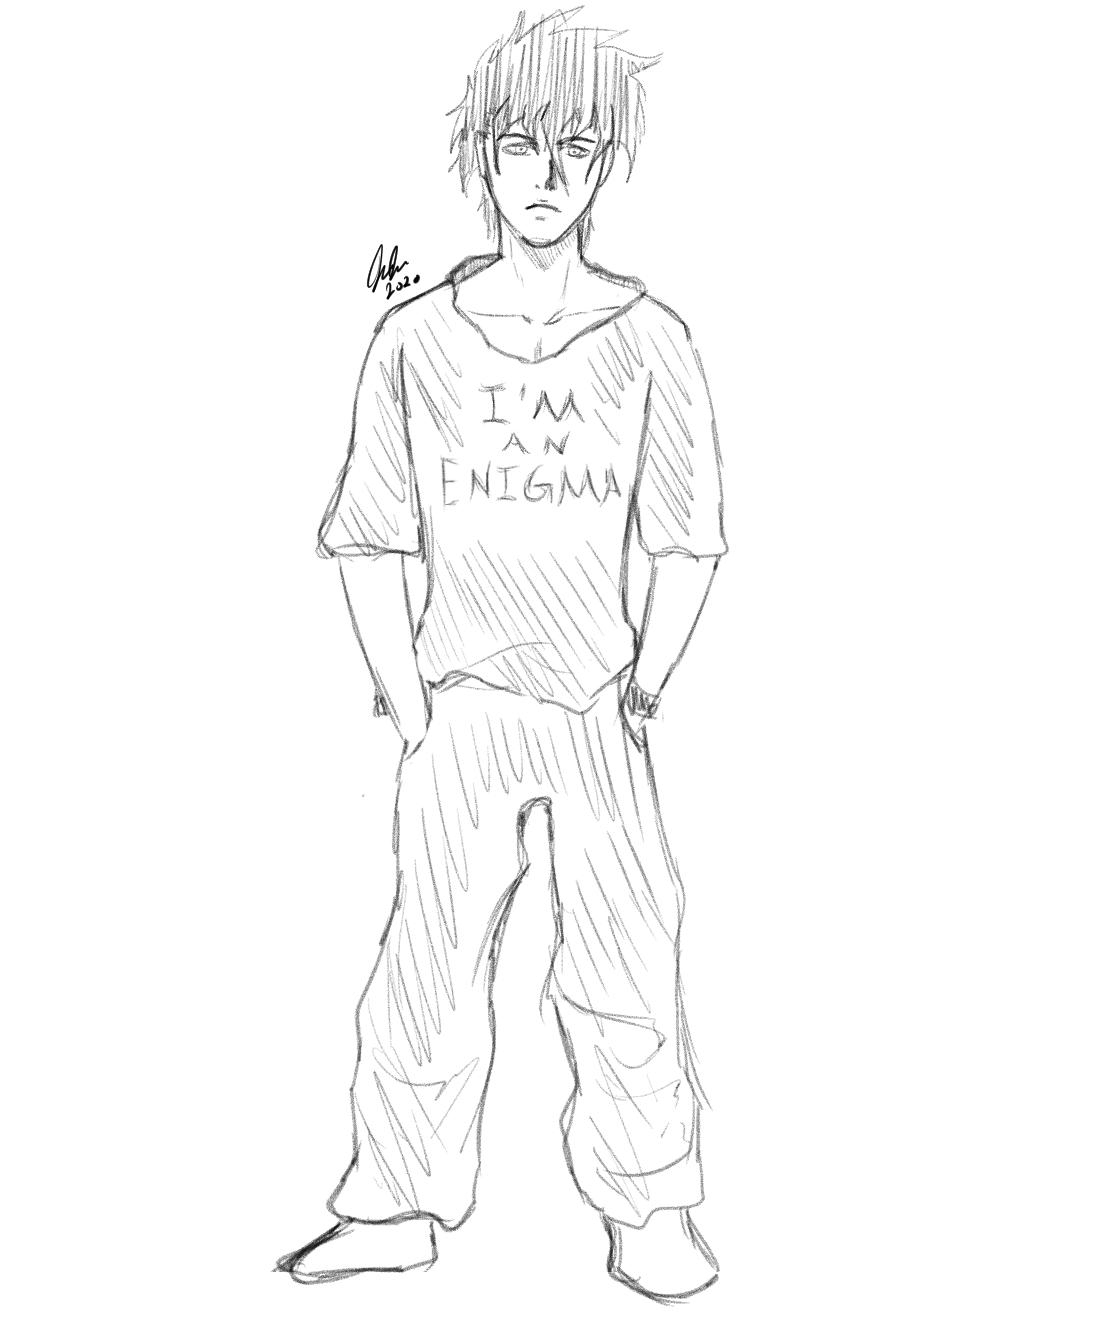 Lewidan – Damien